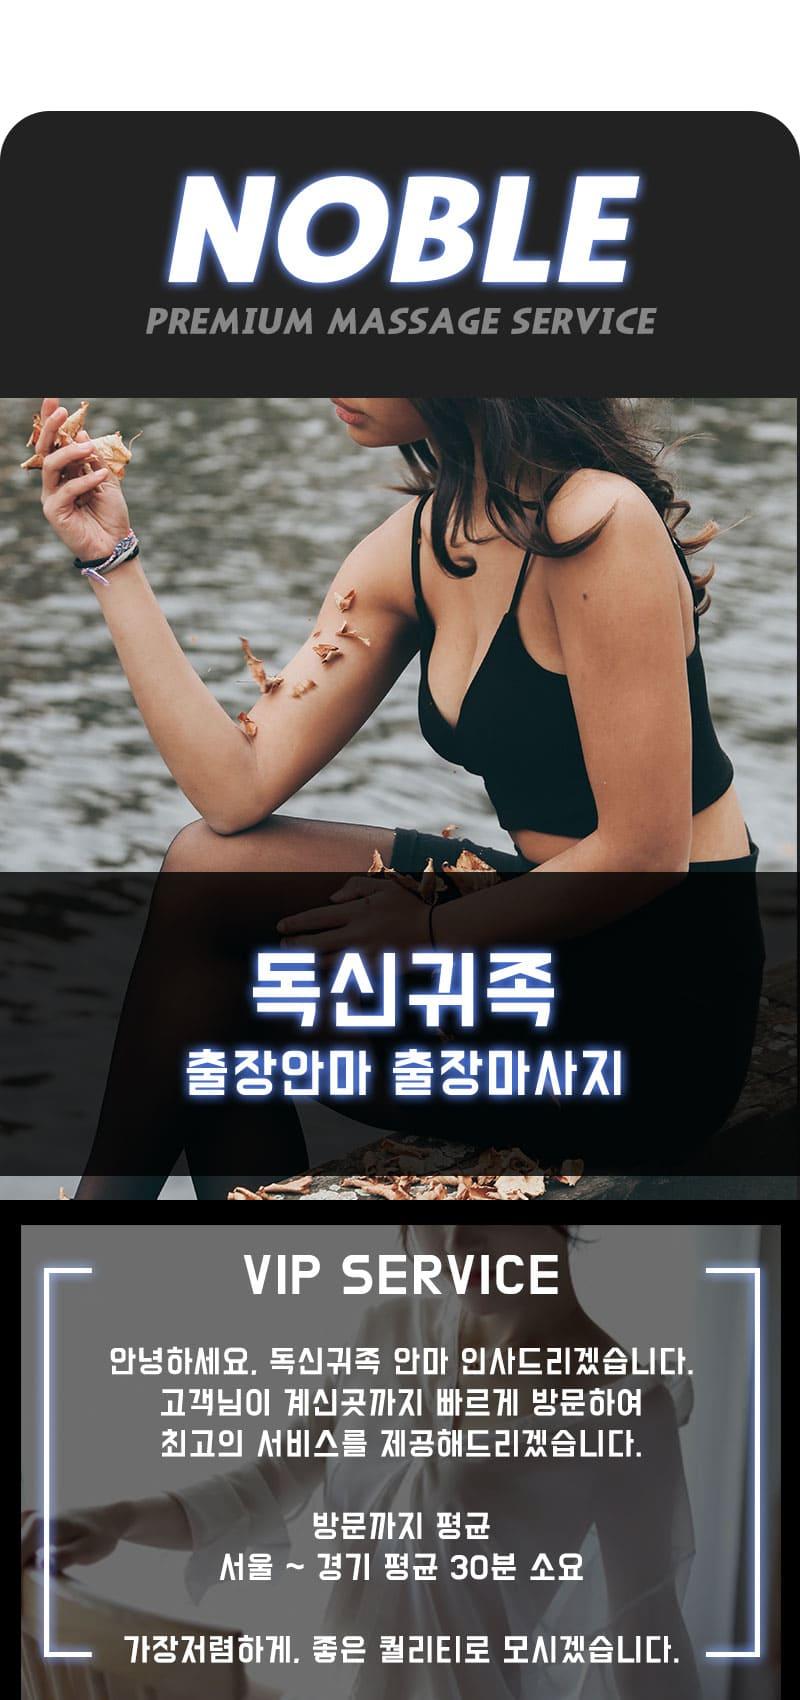 의왕출장안마 소개